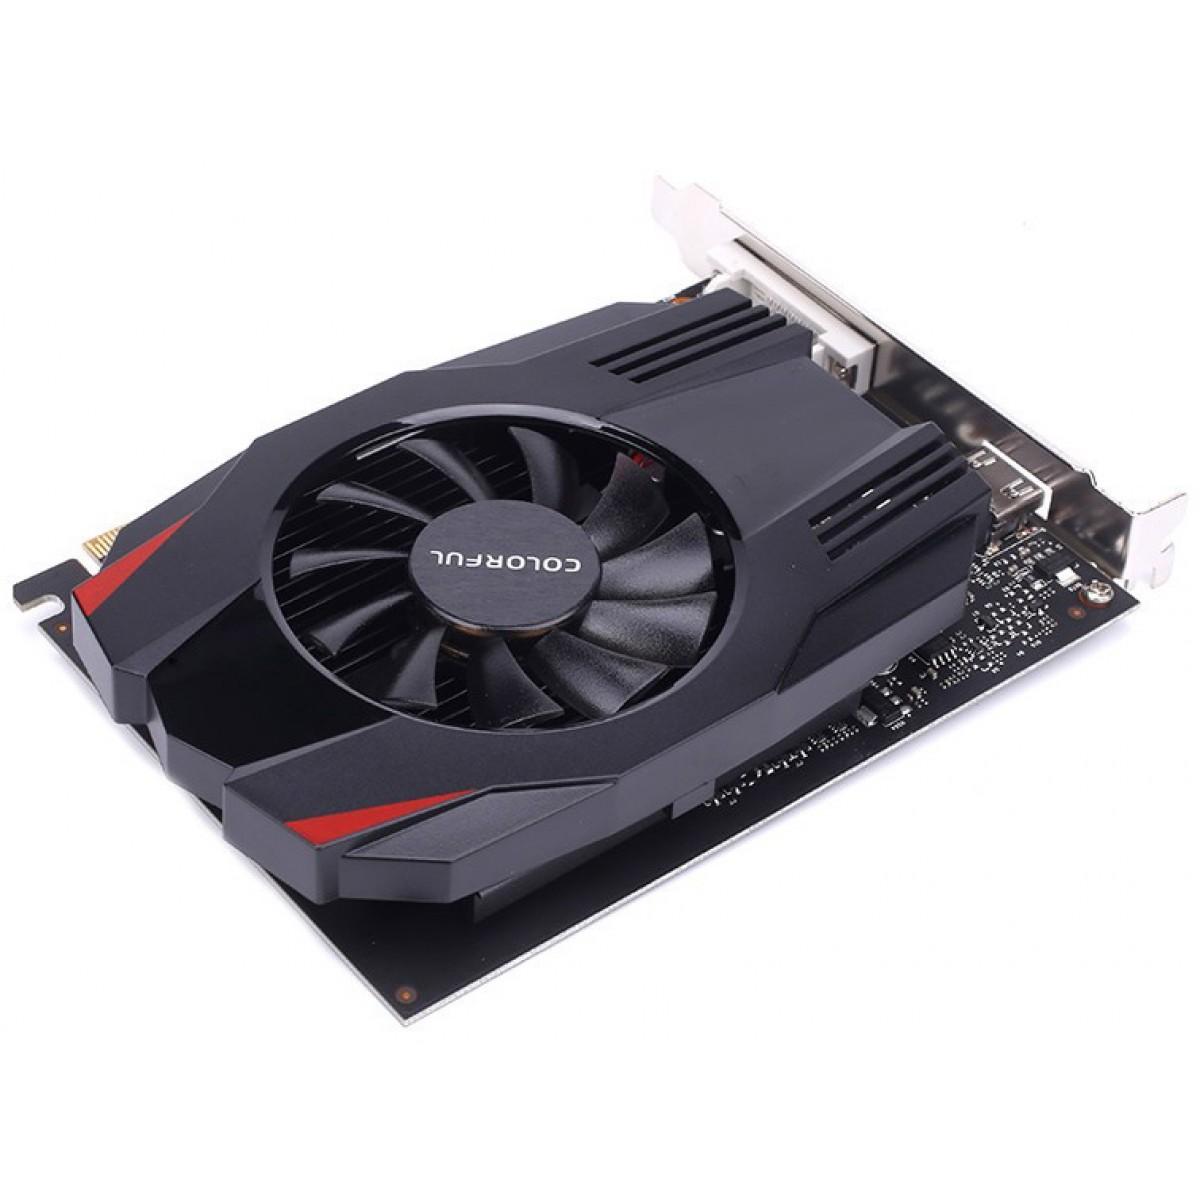 Placa de Vídeo Colorful GeForce GT 1030 2GB GDDR5 64Bit GT1030 2G V3-V